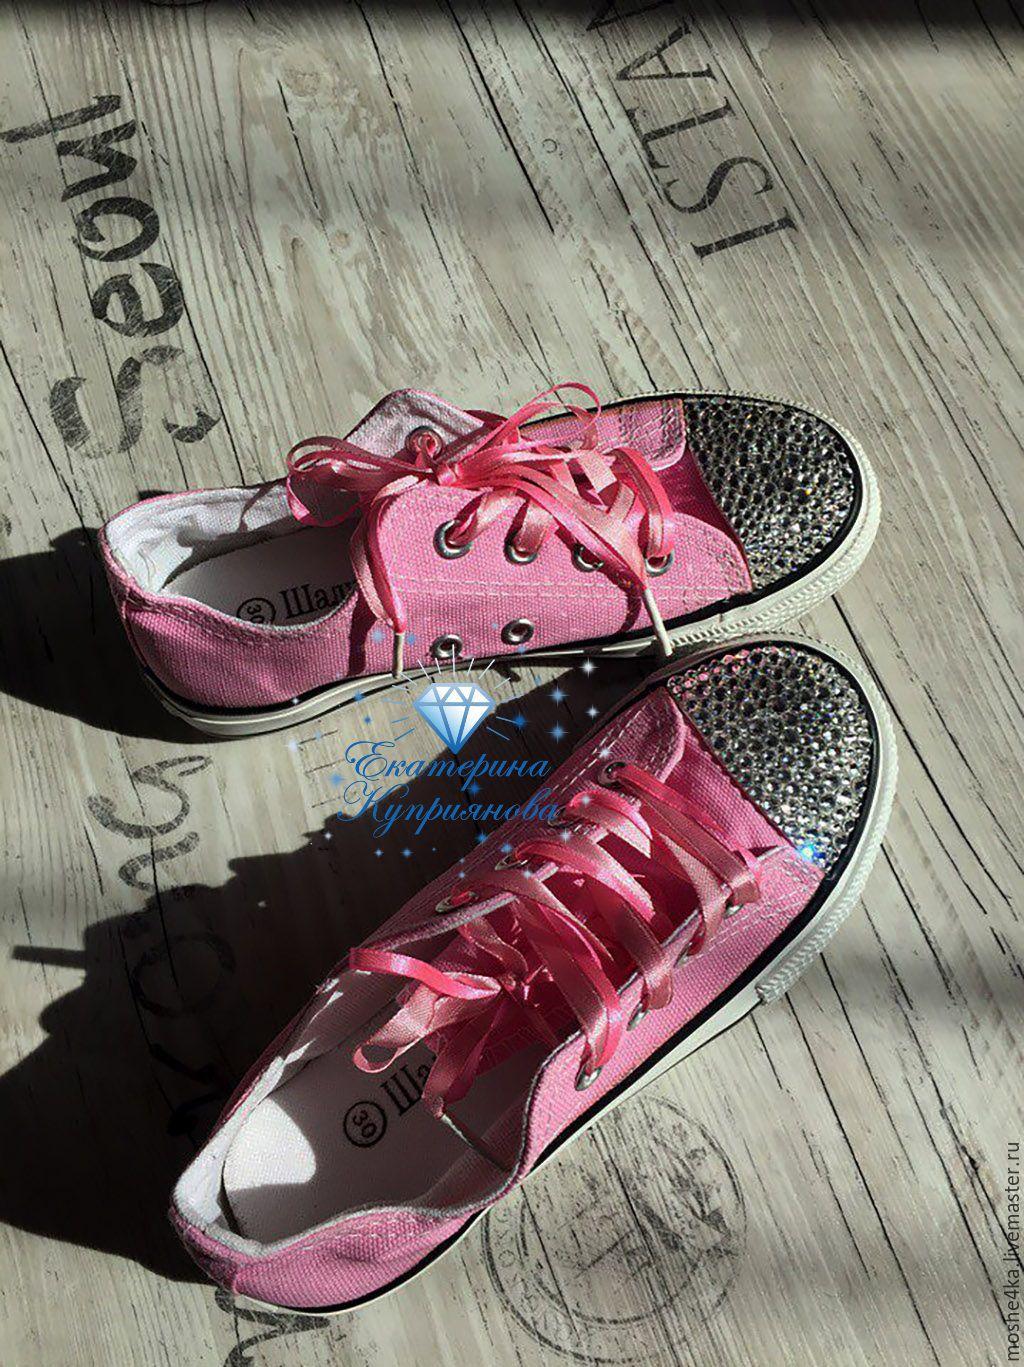 Ярмарка Мастеров - ручная работа. Купить Кеды с кристаллами Swarovski. Обувь  ручной работы. Кеды с кристаллами Swarovski. d498647660705